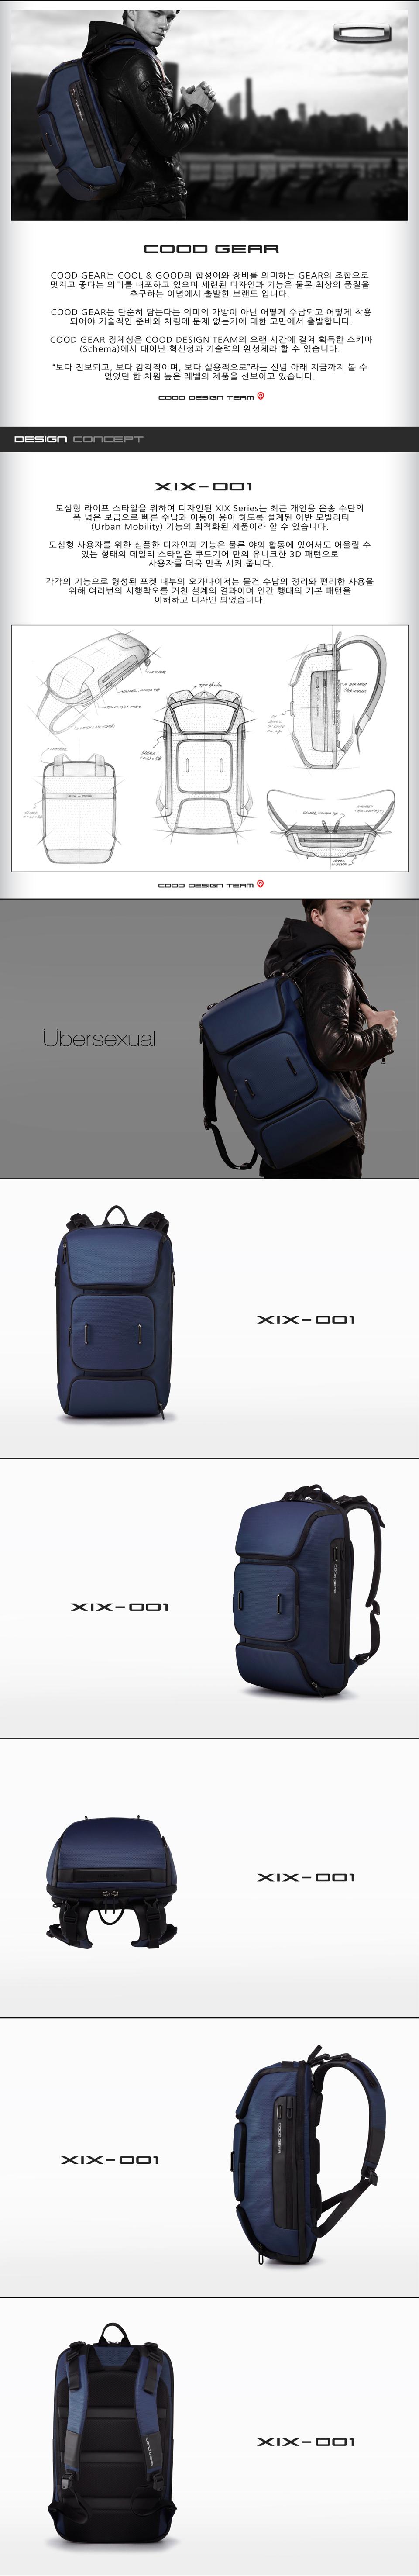 XIX001N(960)1.jpg